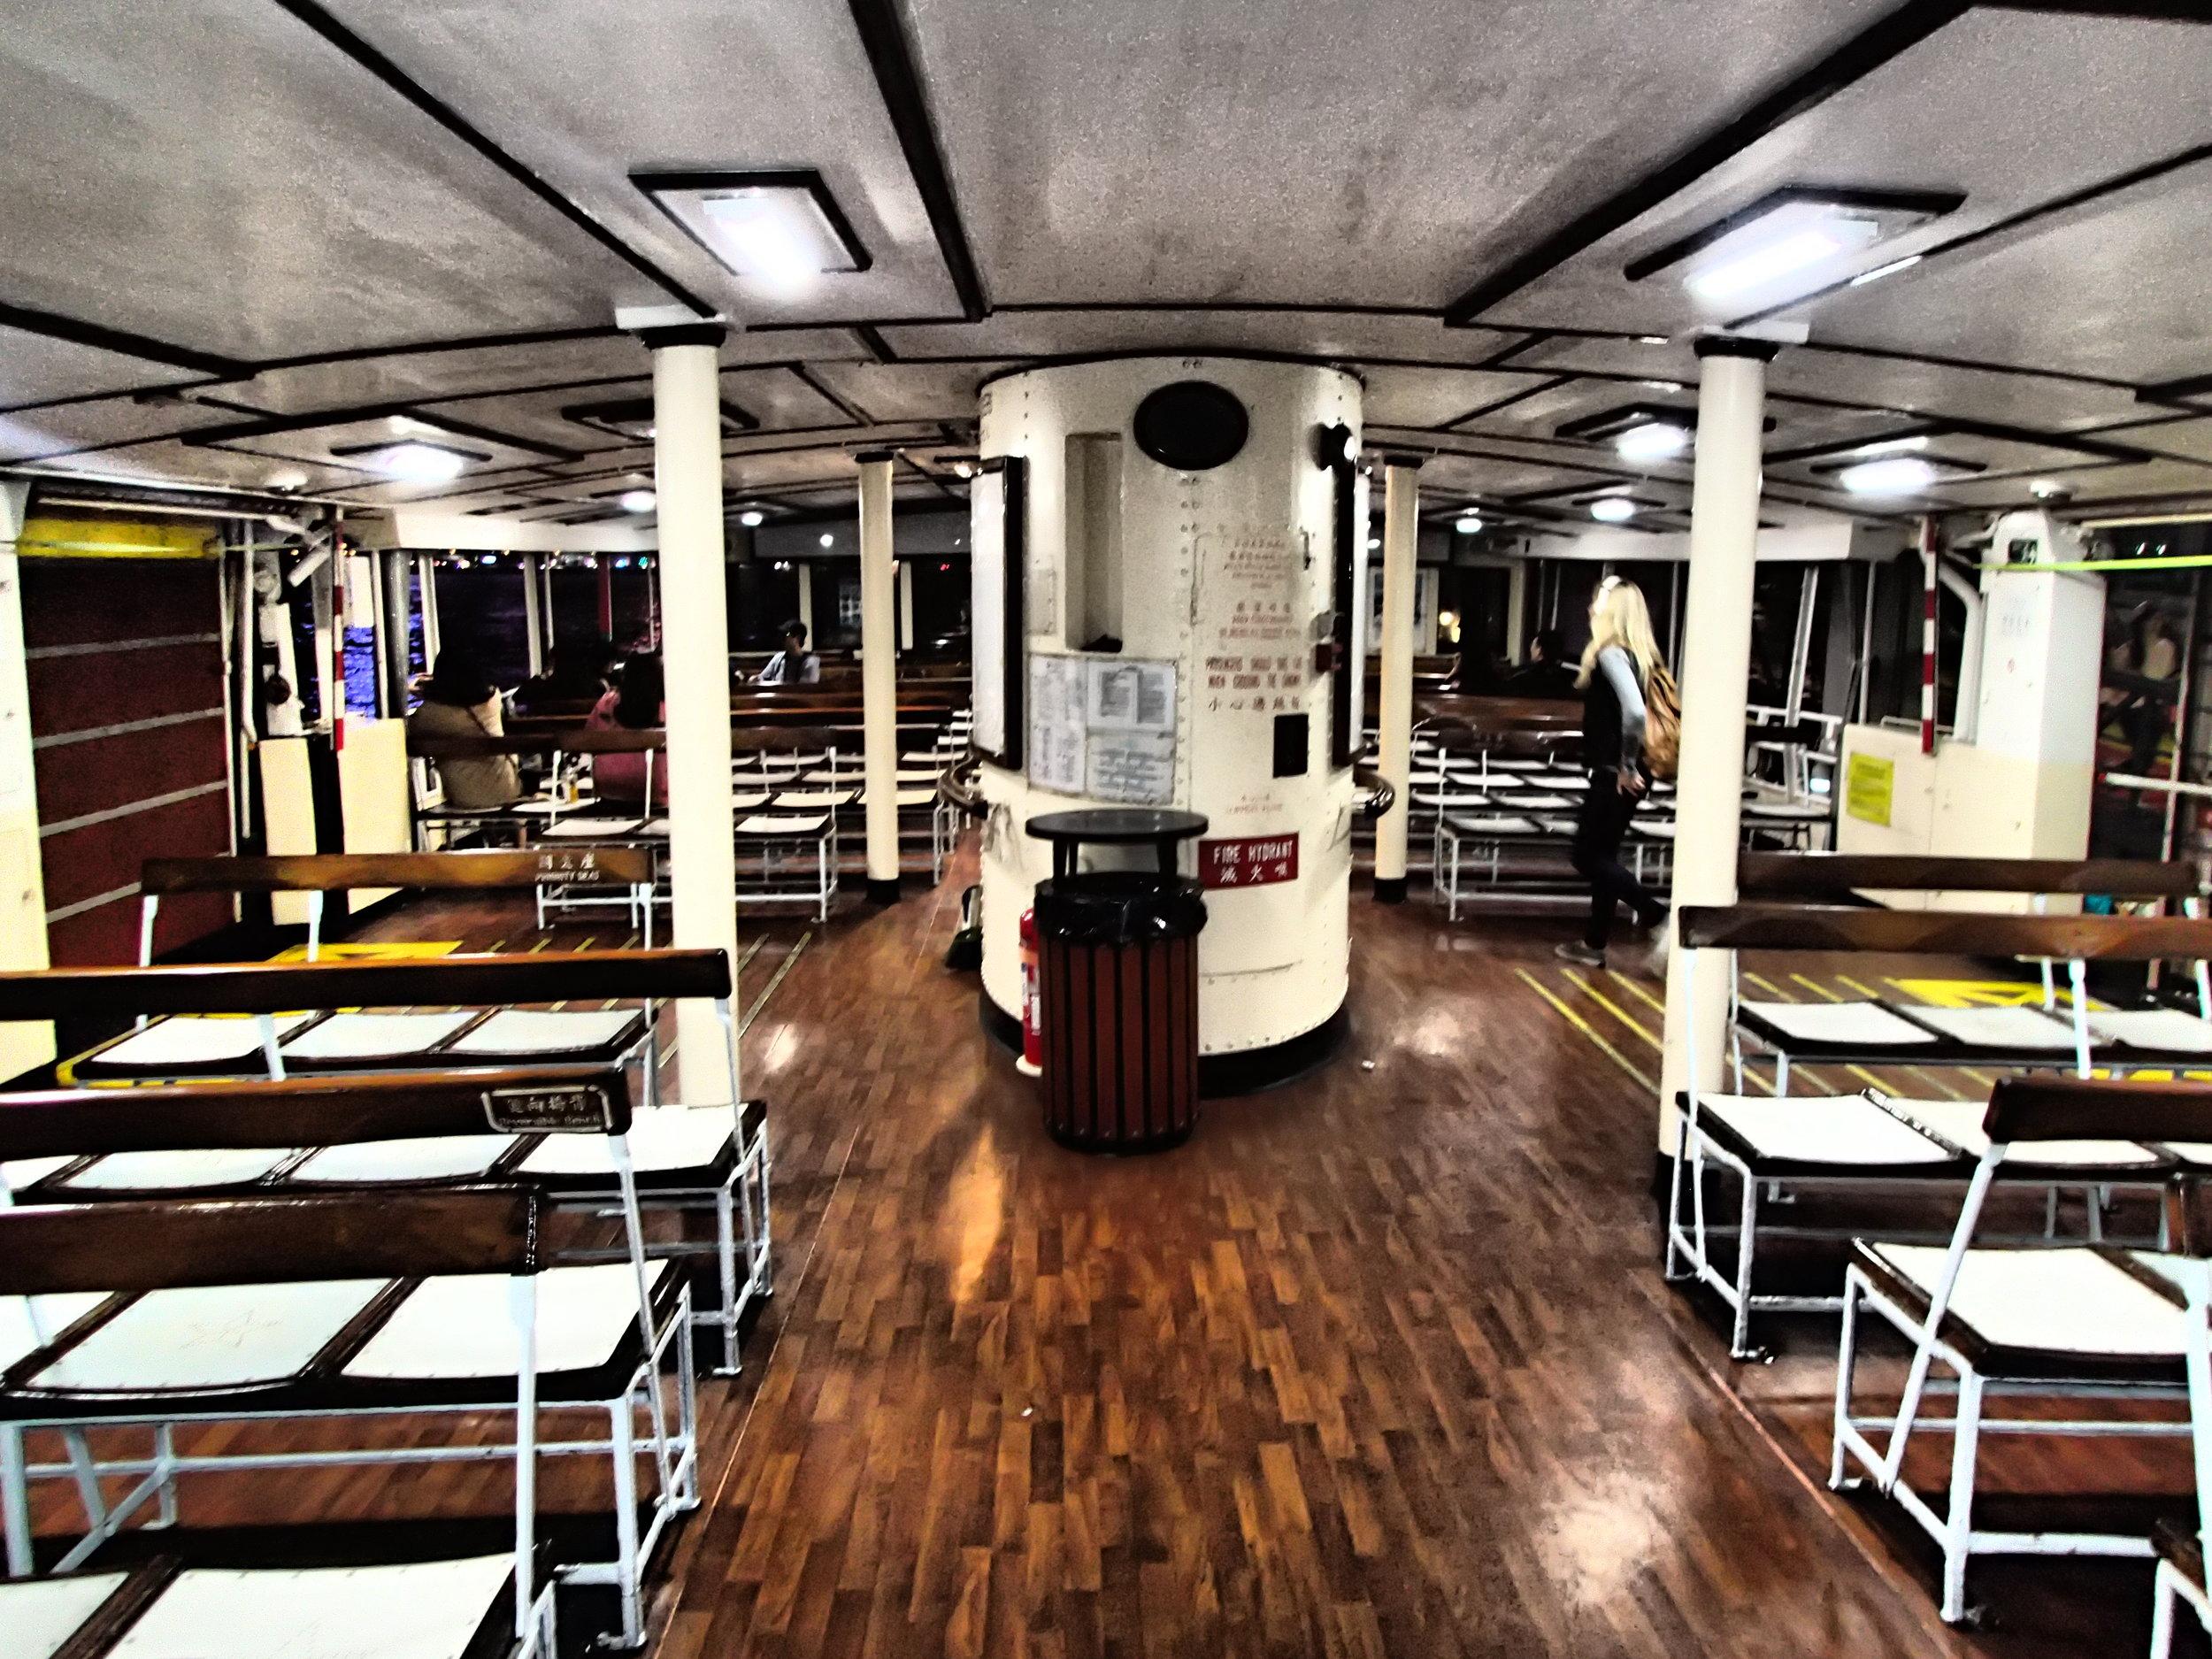 Upper Deck Star Ferry